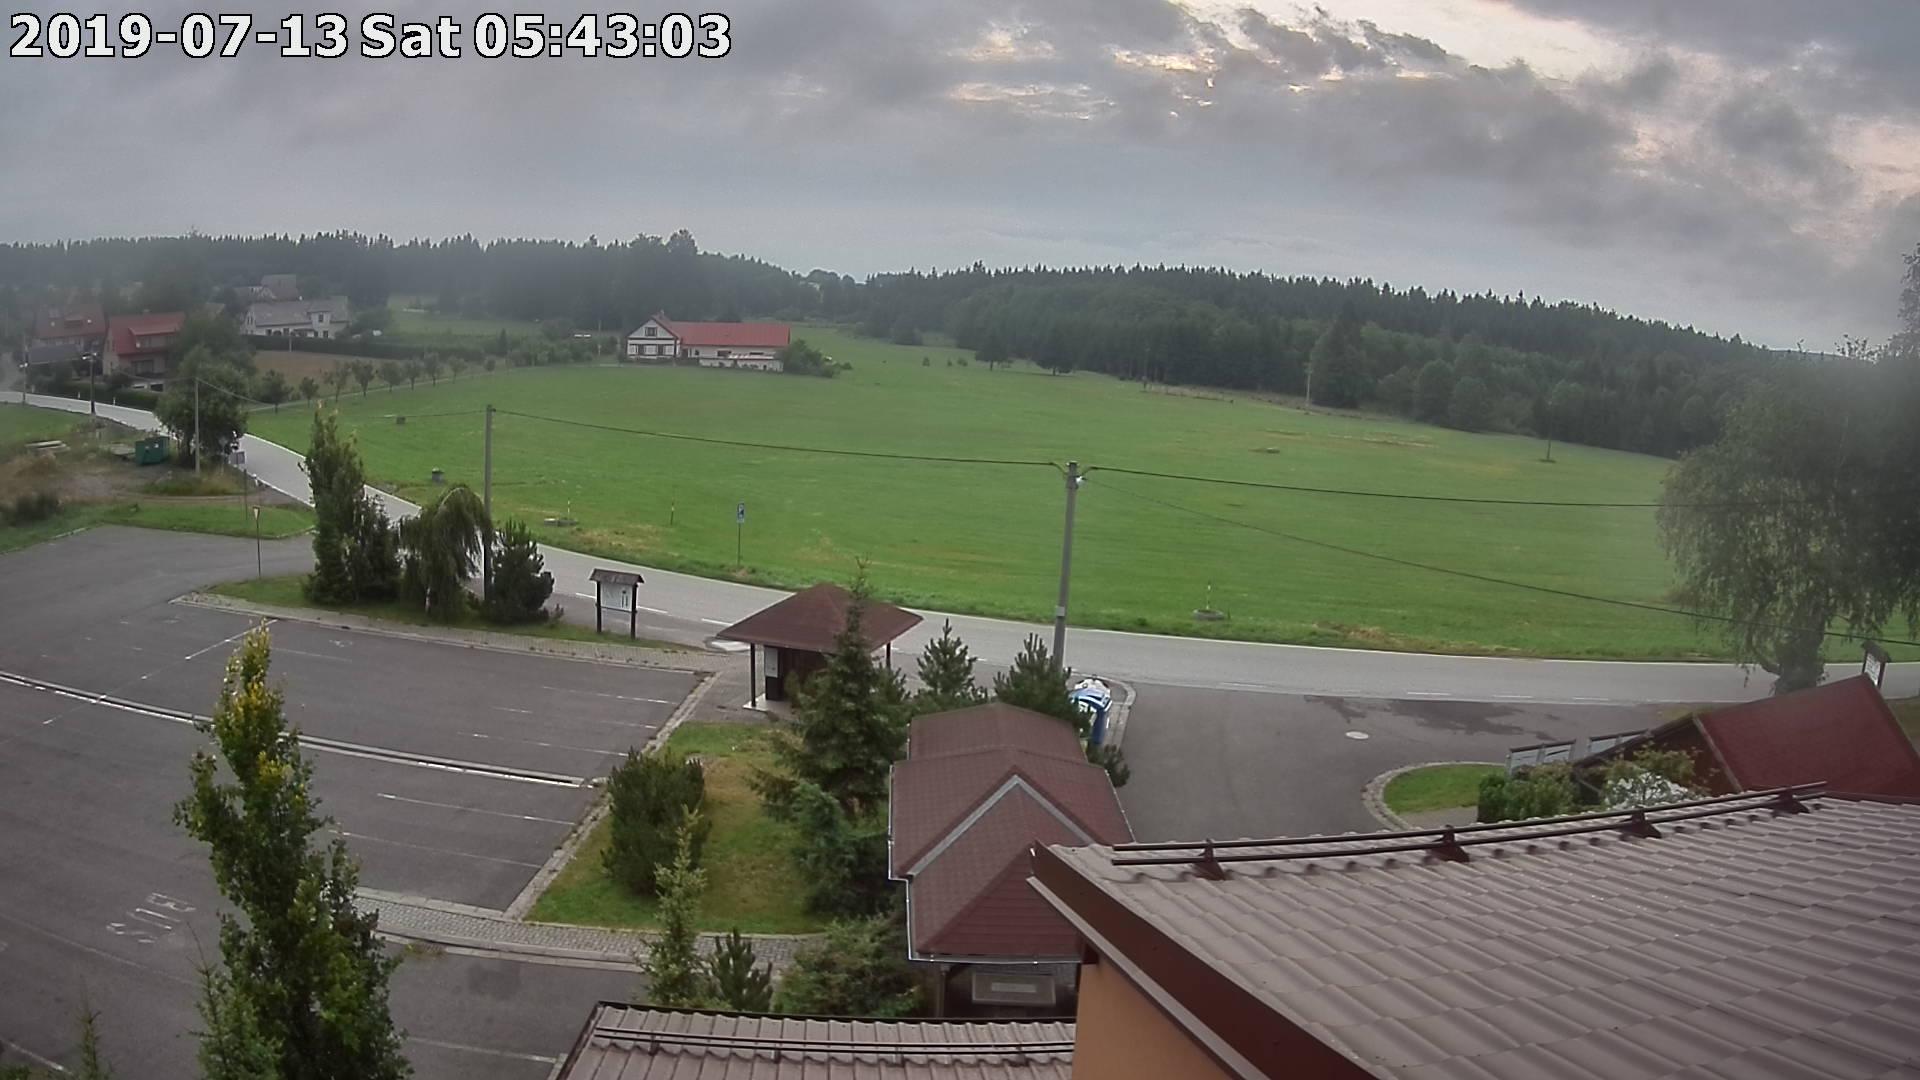 Webkamera ze dne 2019-07-13